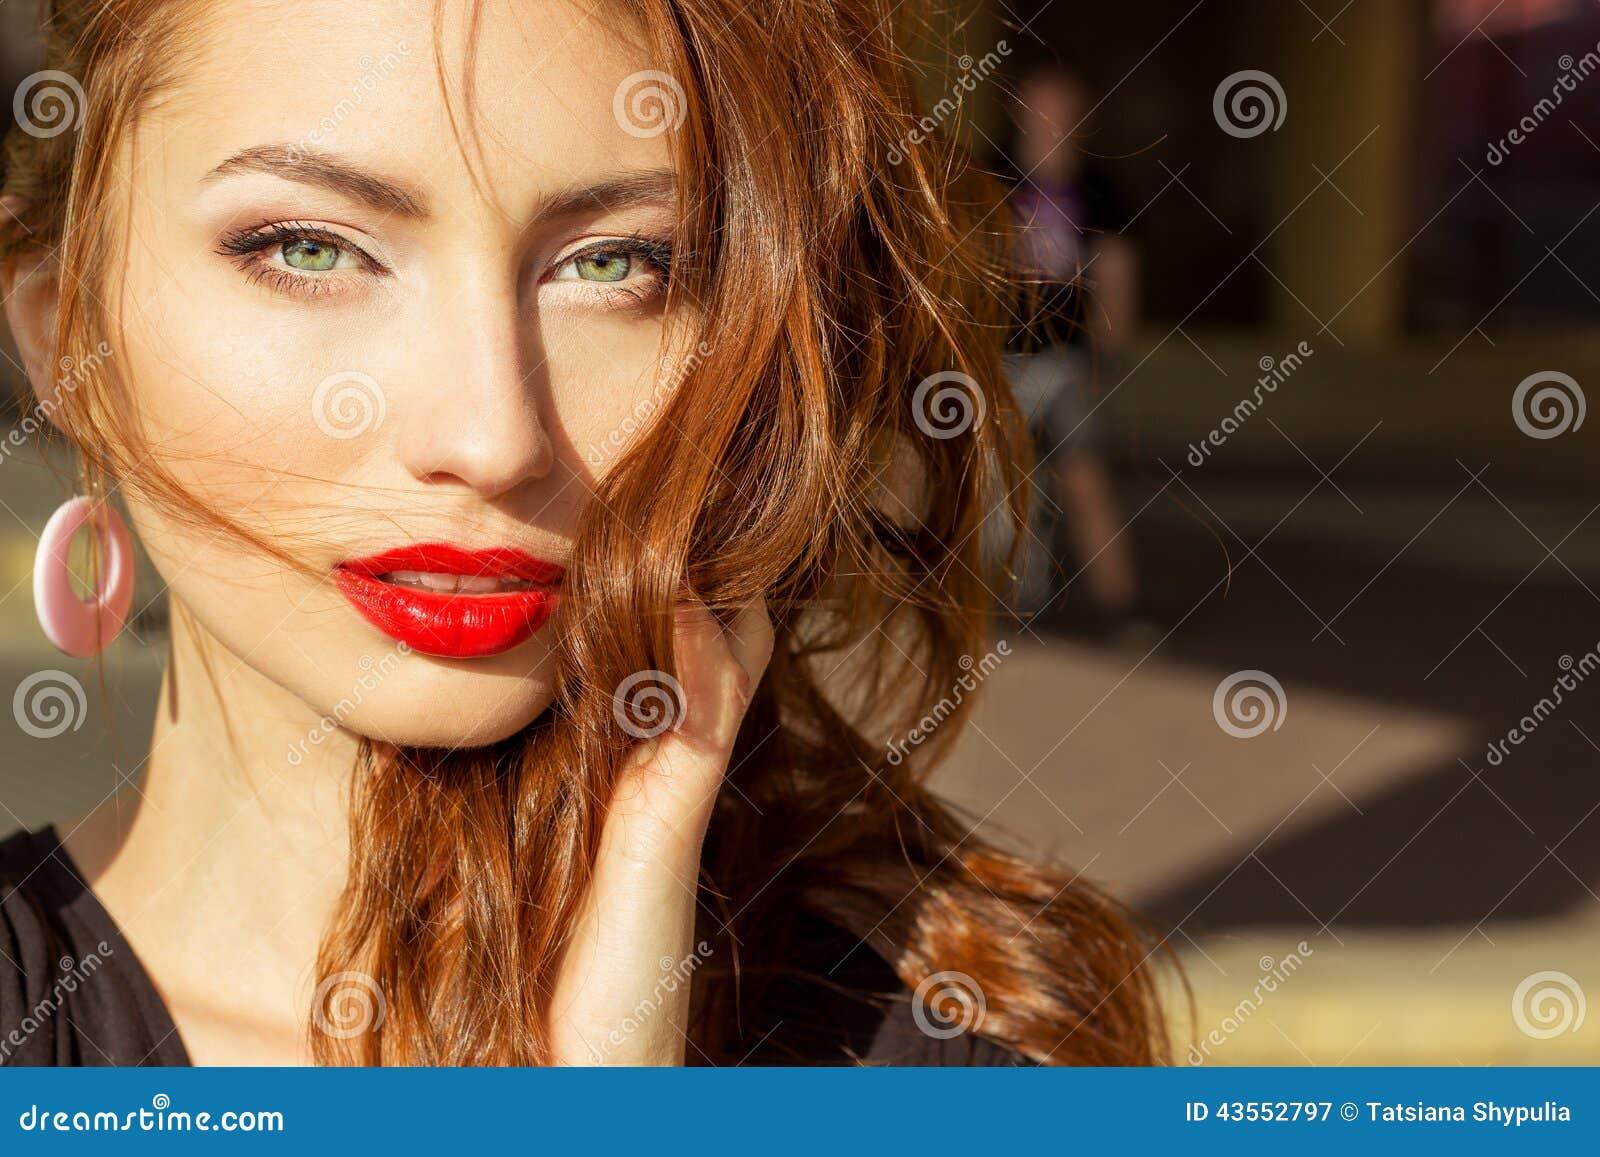 Hot blonde girls porn-7569